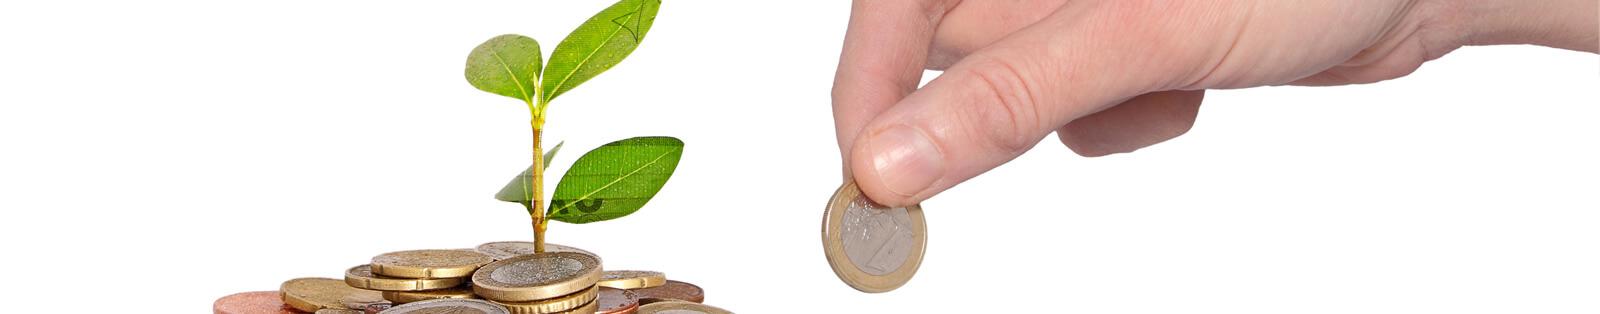 busquedadefinanciemtoparaproyectos